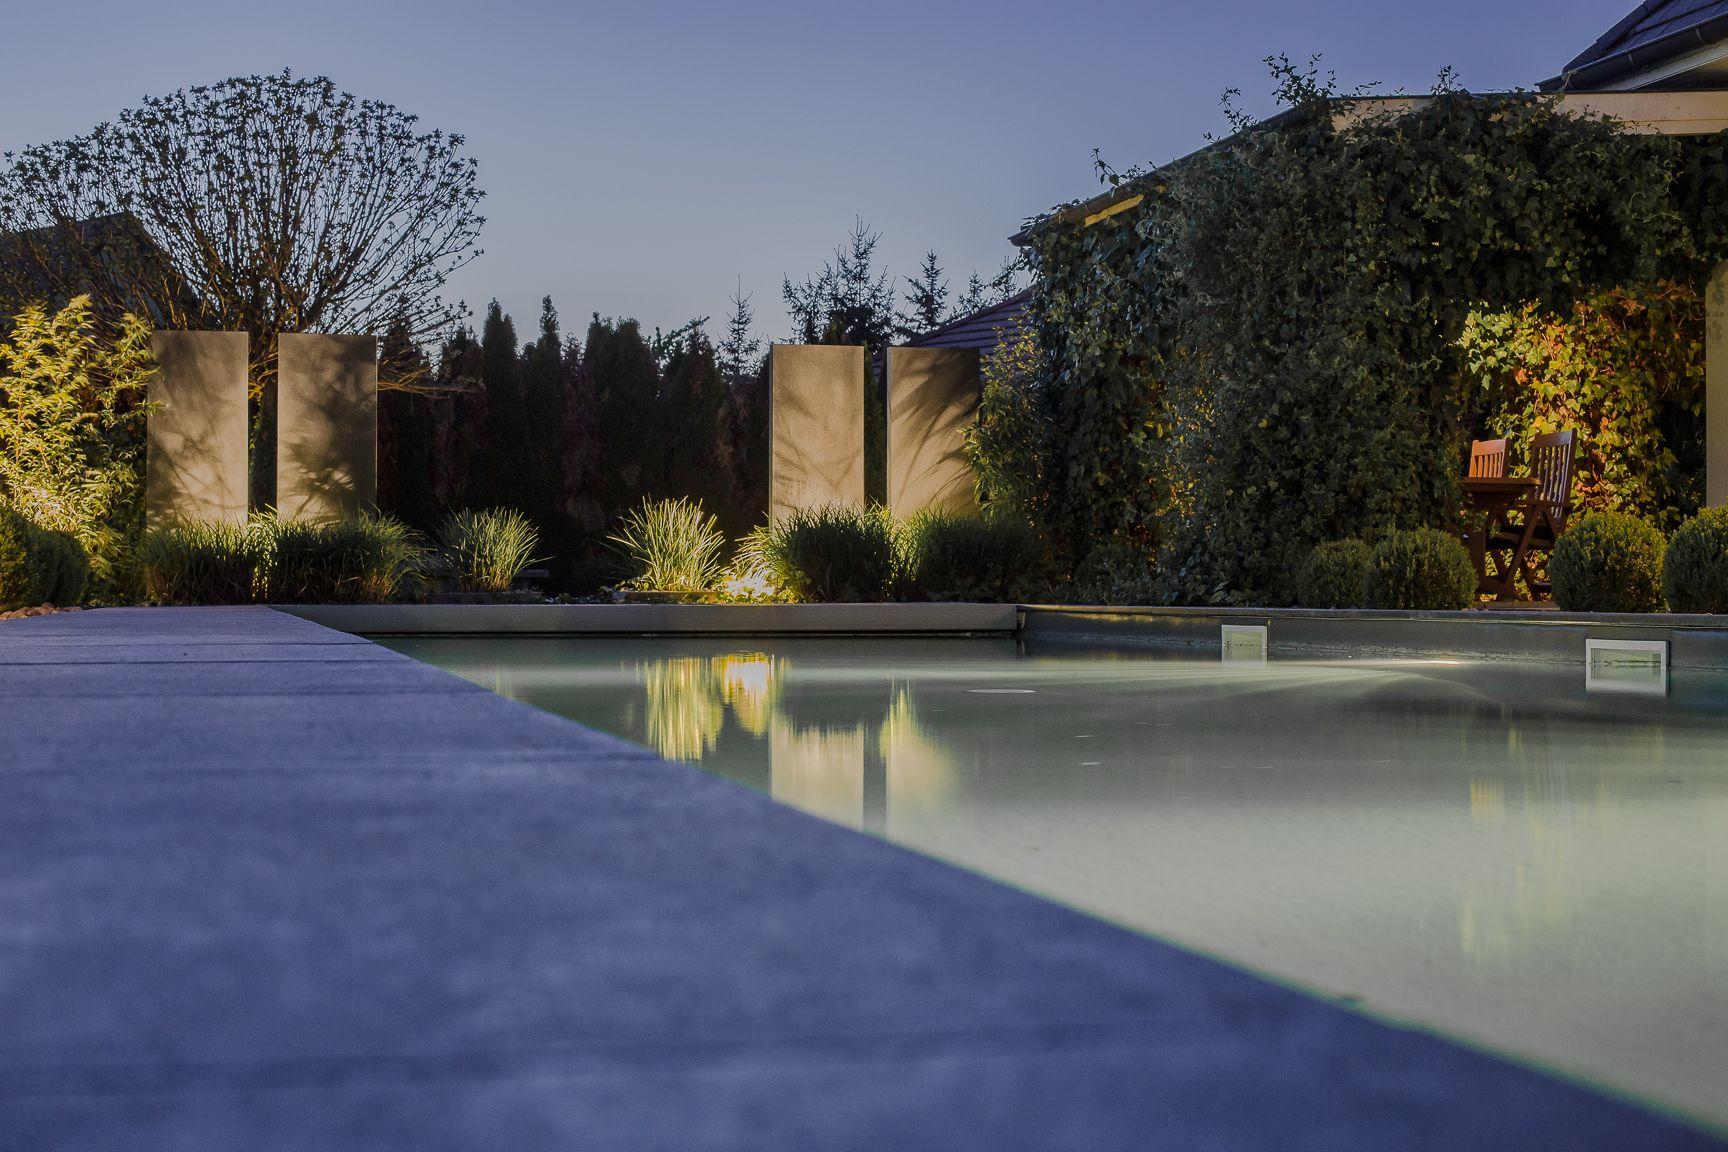 Idee Eclairage Terrasse Piscine de nuit | decoration piscine, piscines design, piscines modernes